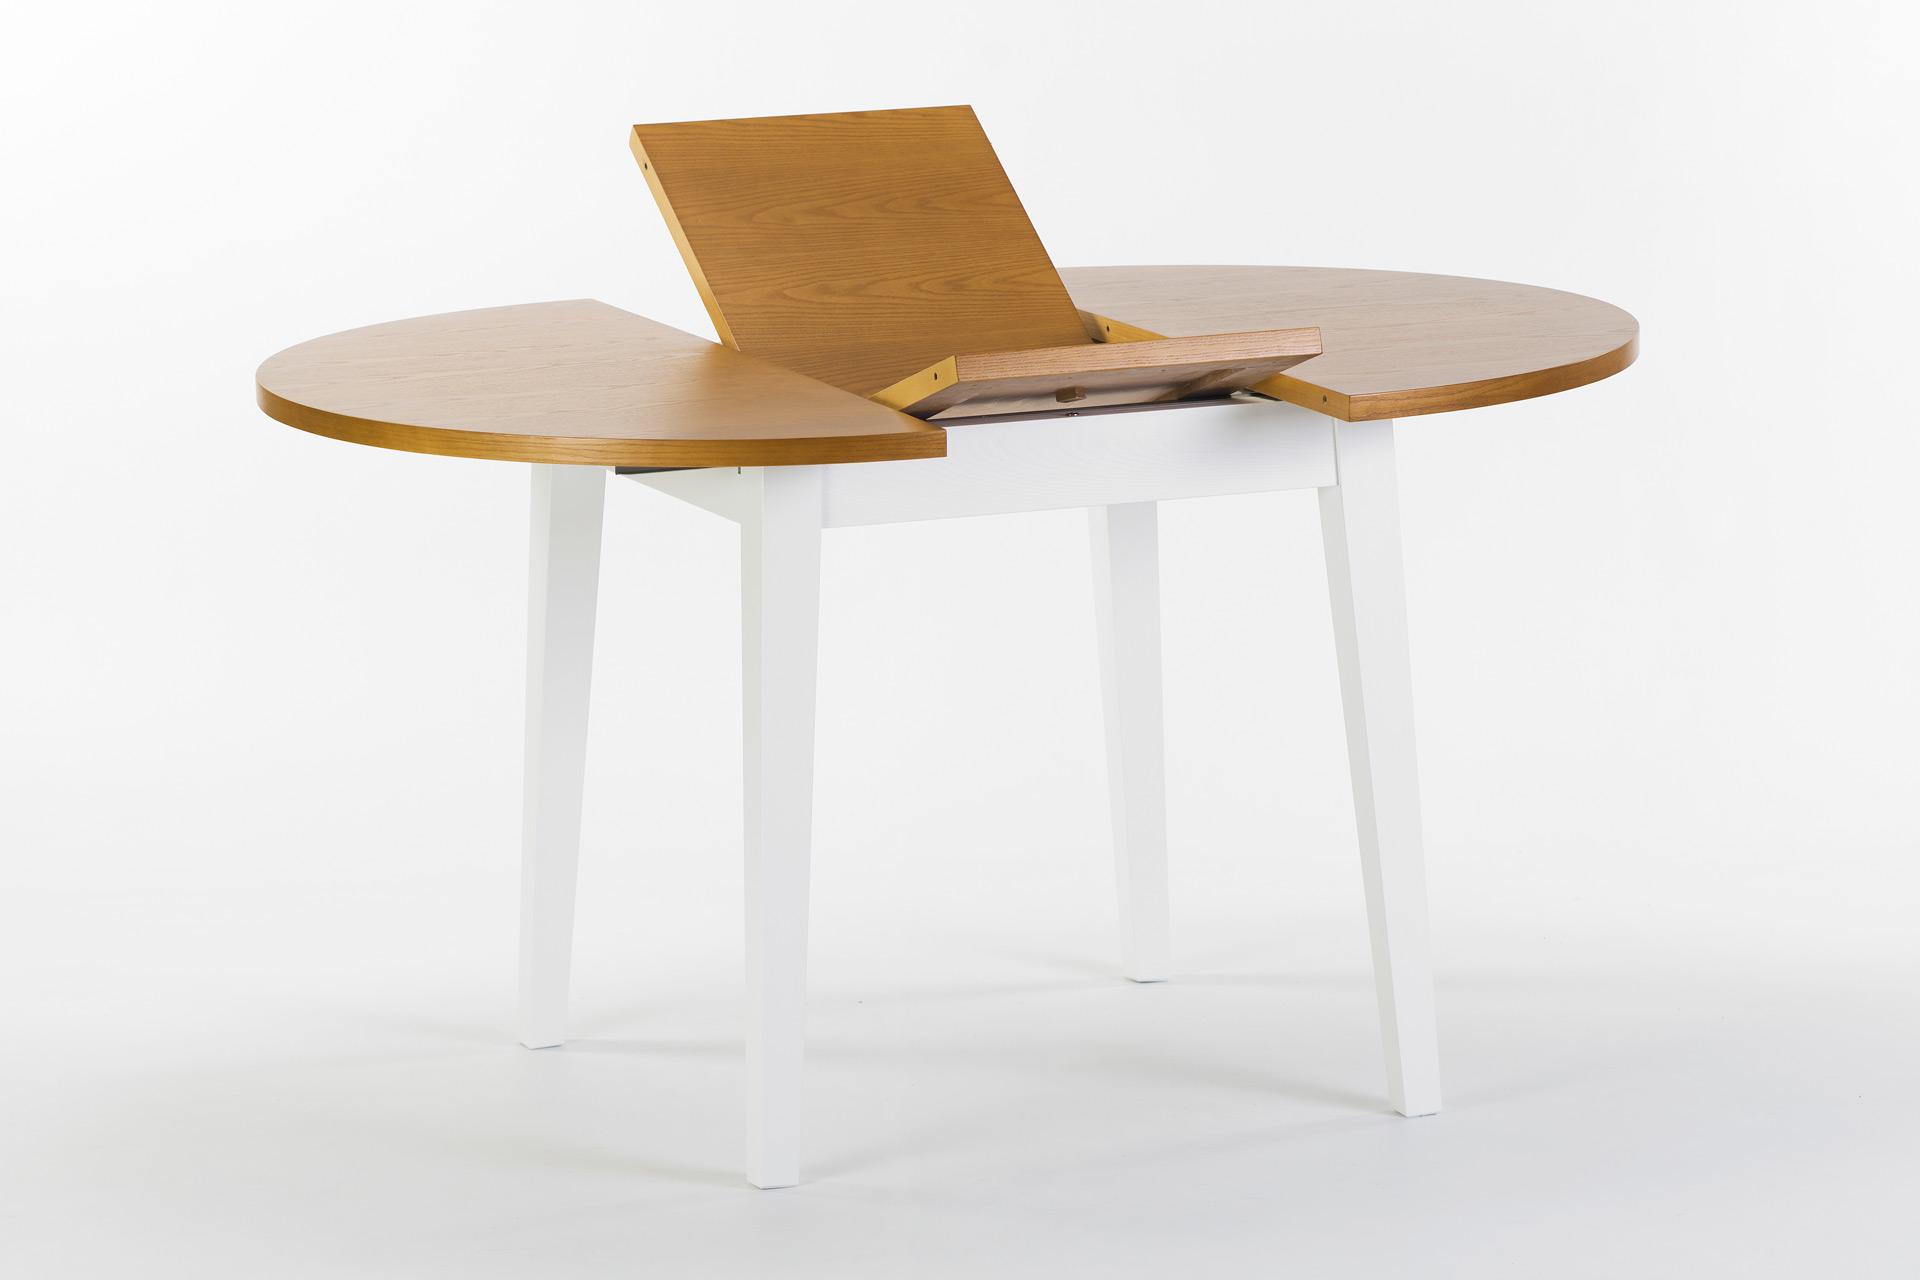 """Круглый кухонный стол """"Монтерей"""". Механизм раскладки столешницы, столешница покрыта шпоном ясеня, тонирована, цвет SE-7005. Вид с боку"""